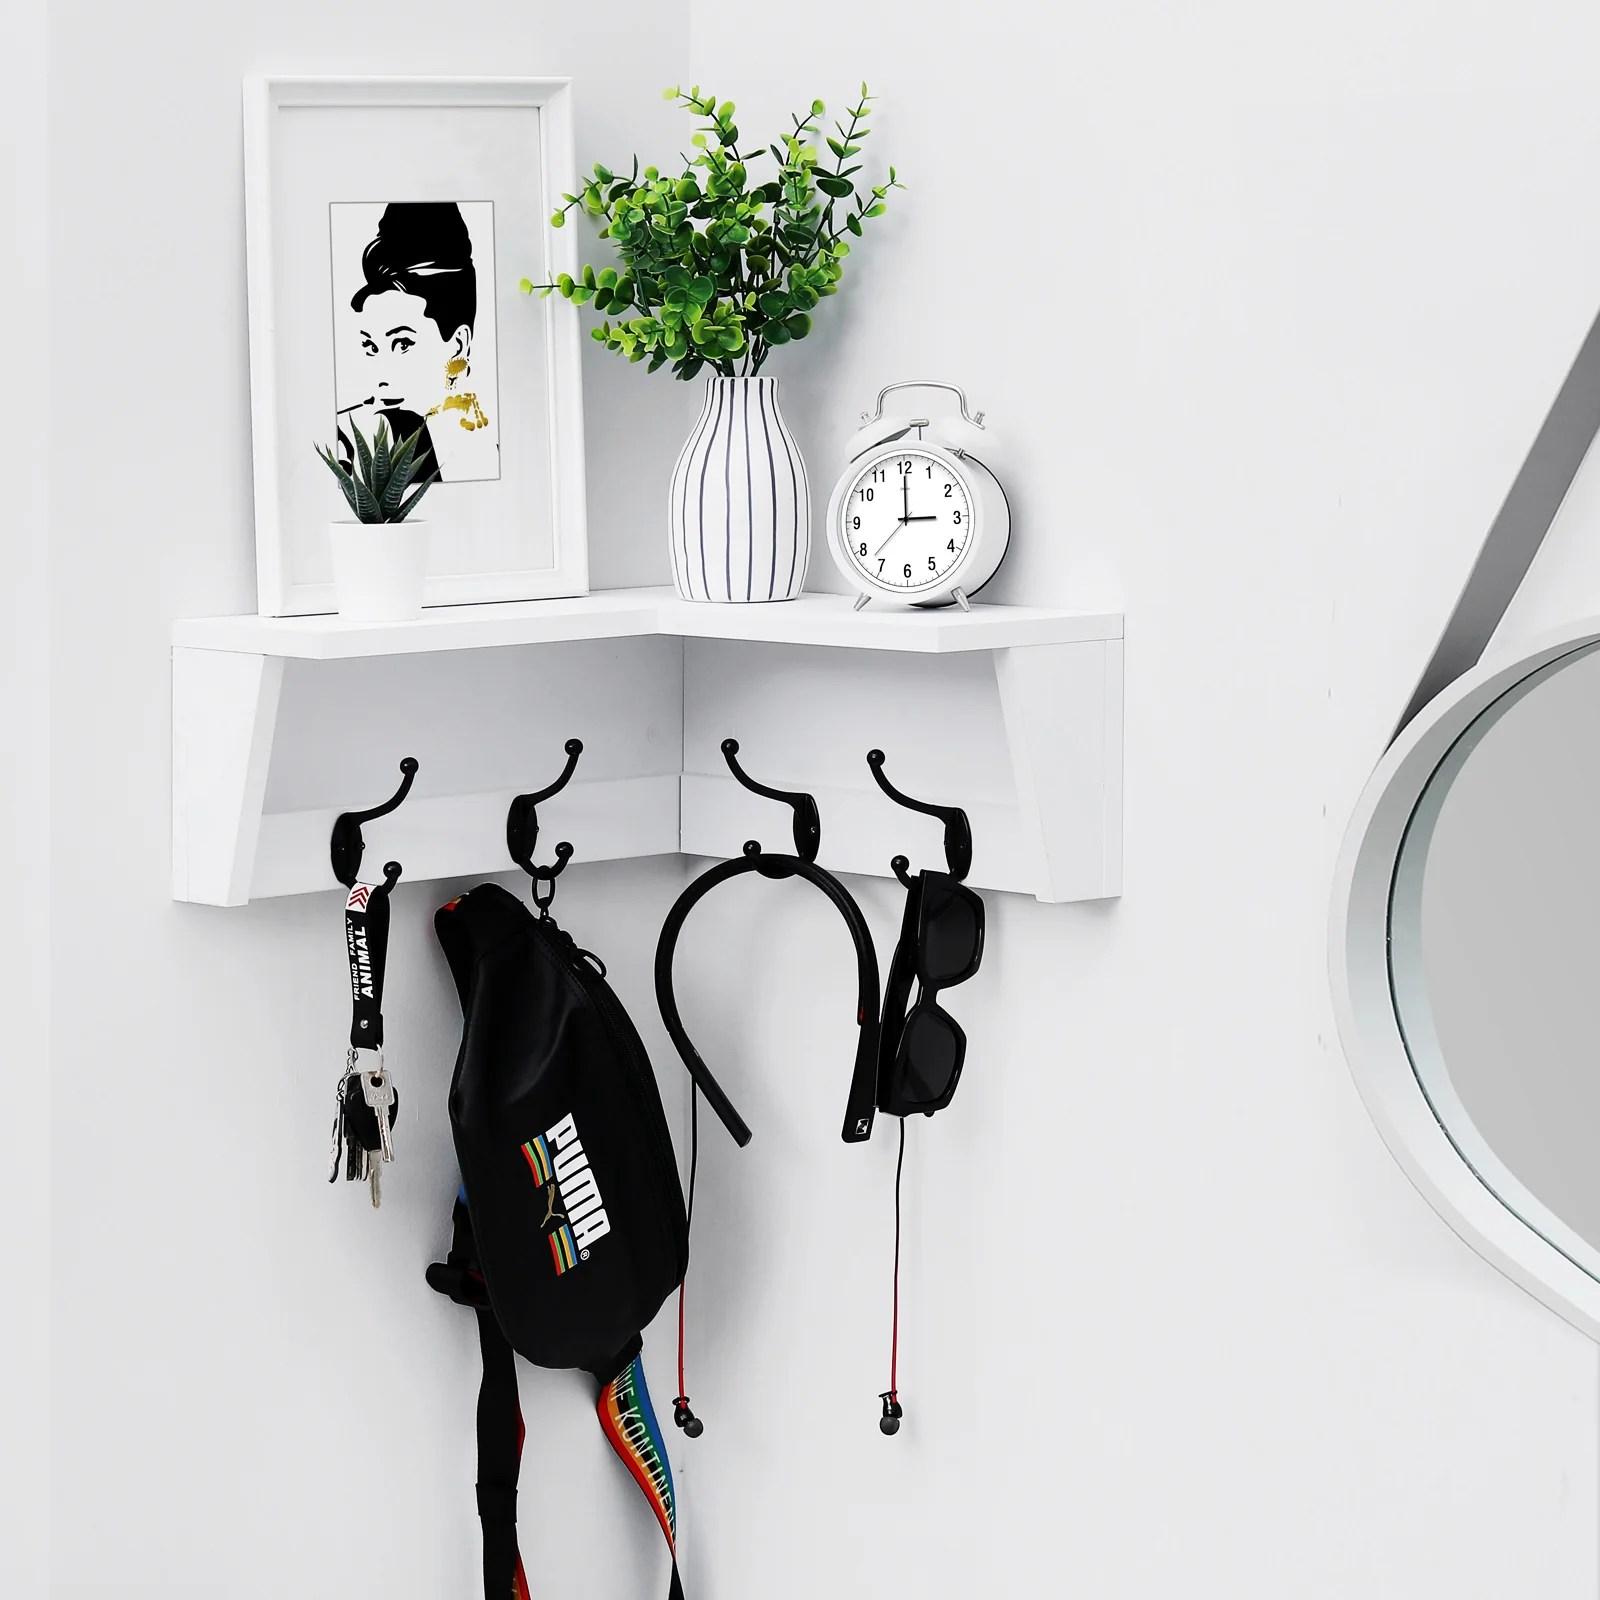 gocomfie wall mounted corner shelf with hooks corner floating shelf coat rack shelf with 4 hooks